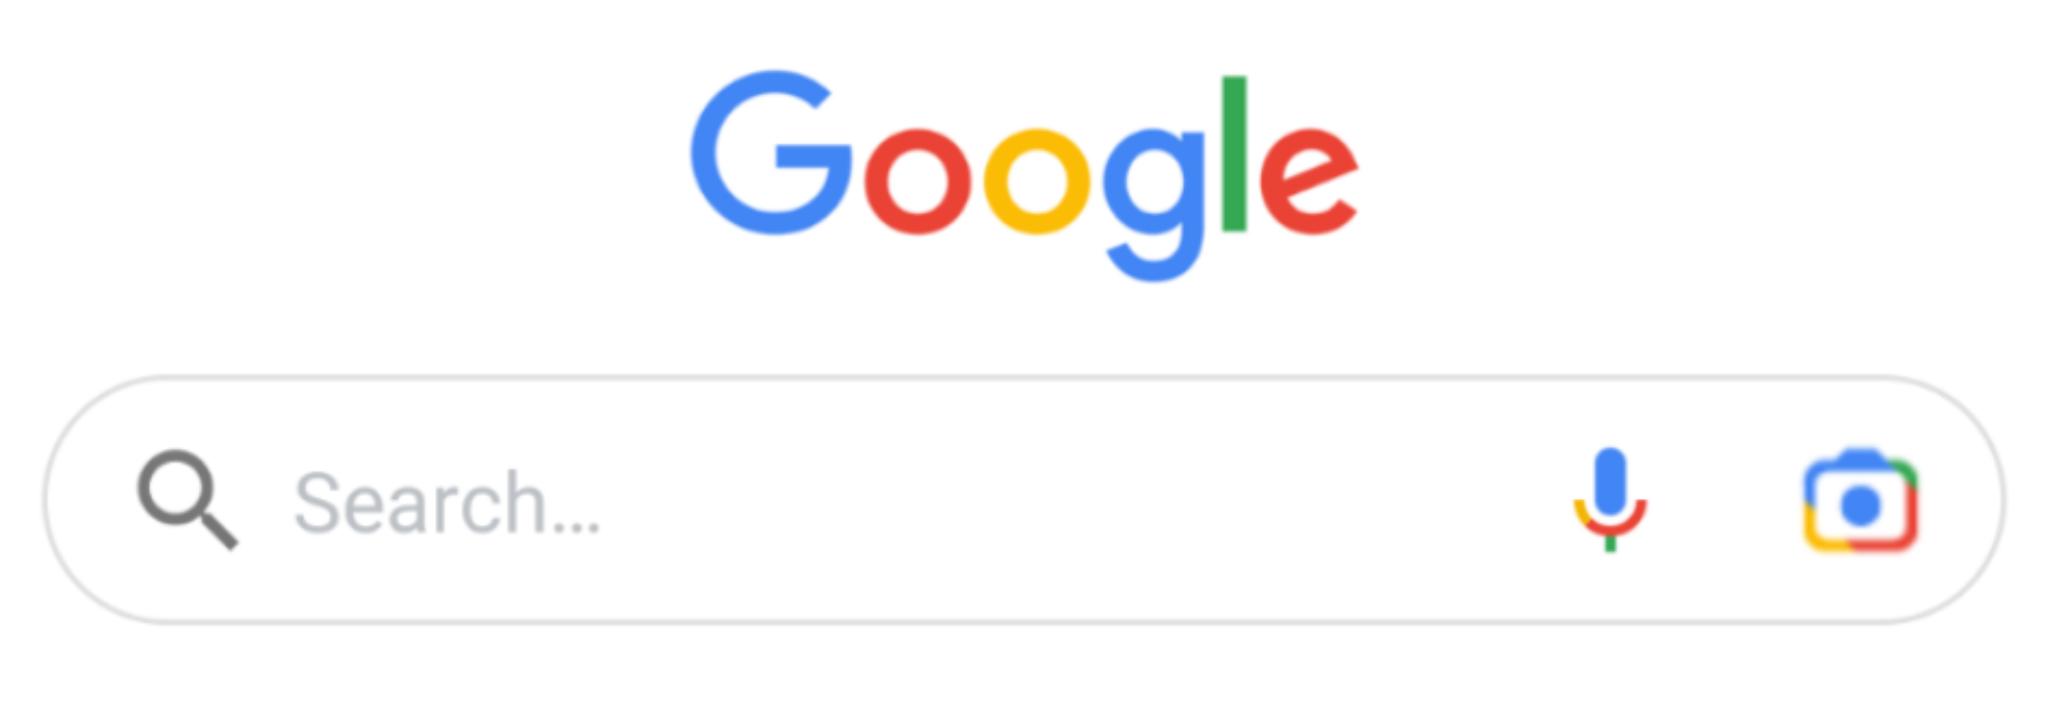 google lens new logo 2021